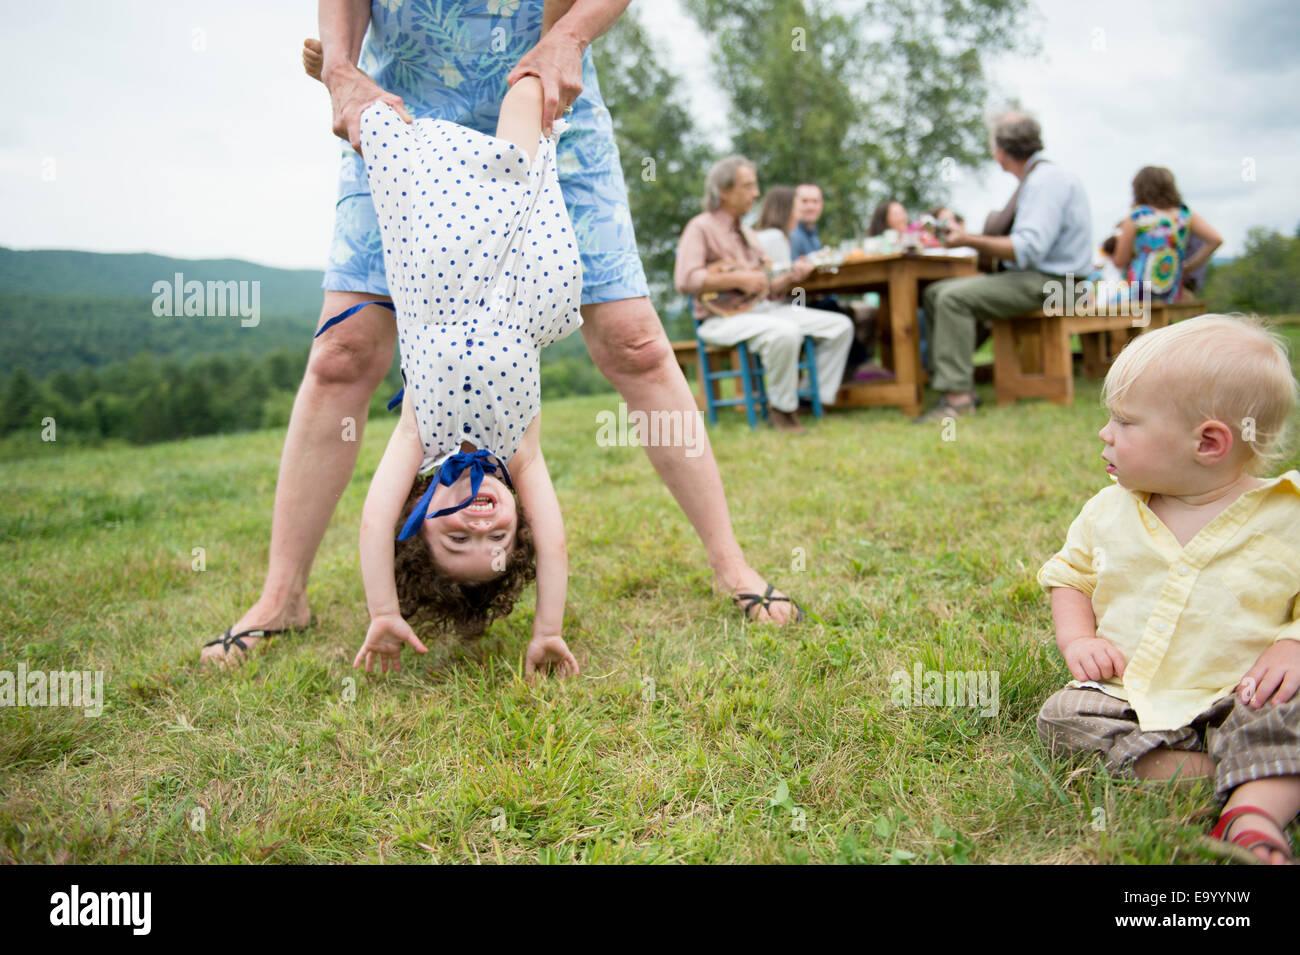 Weibliche Familienmitglied Kleinkind spielerisch Beine bei Familientreffen, im Freien halten Stockbild